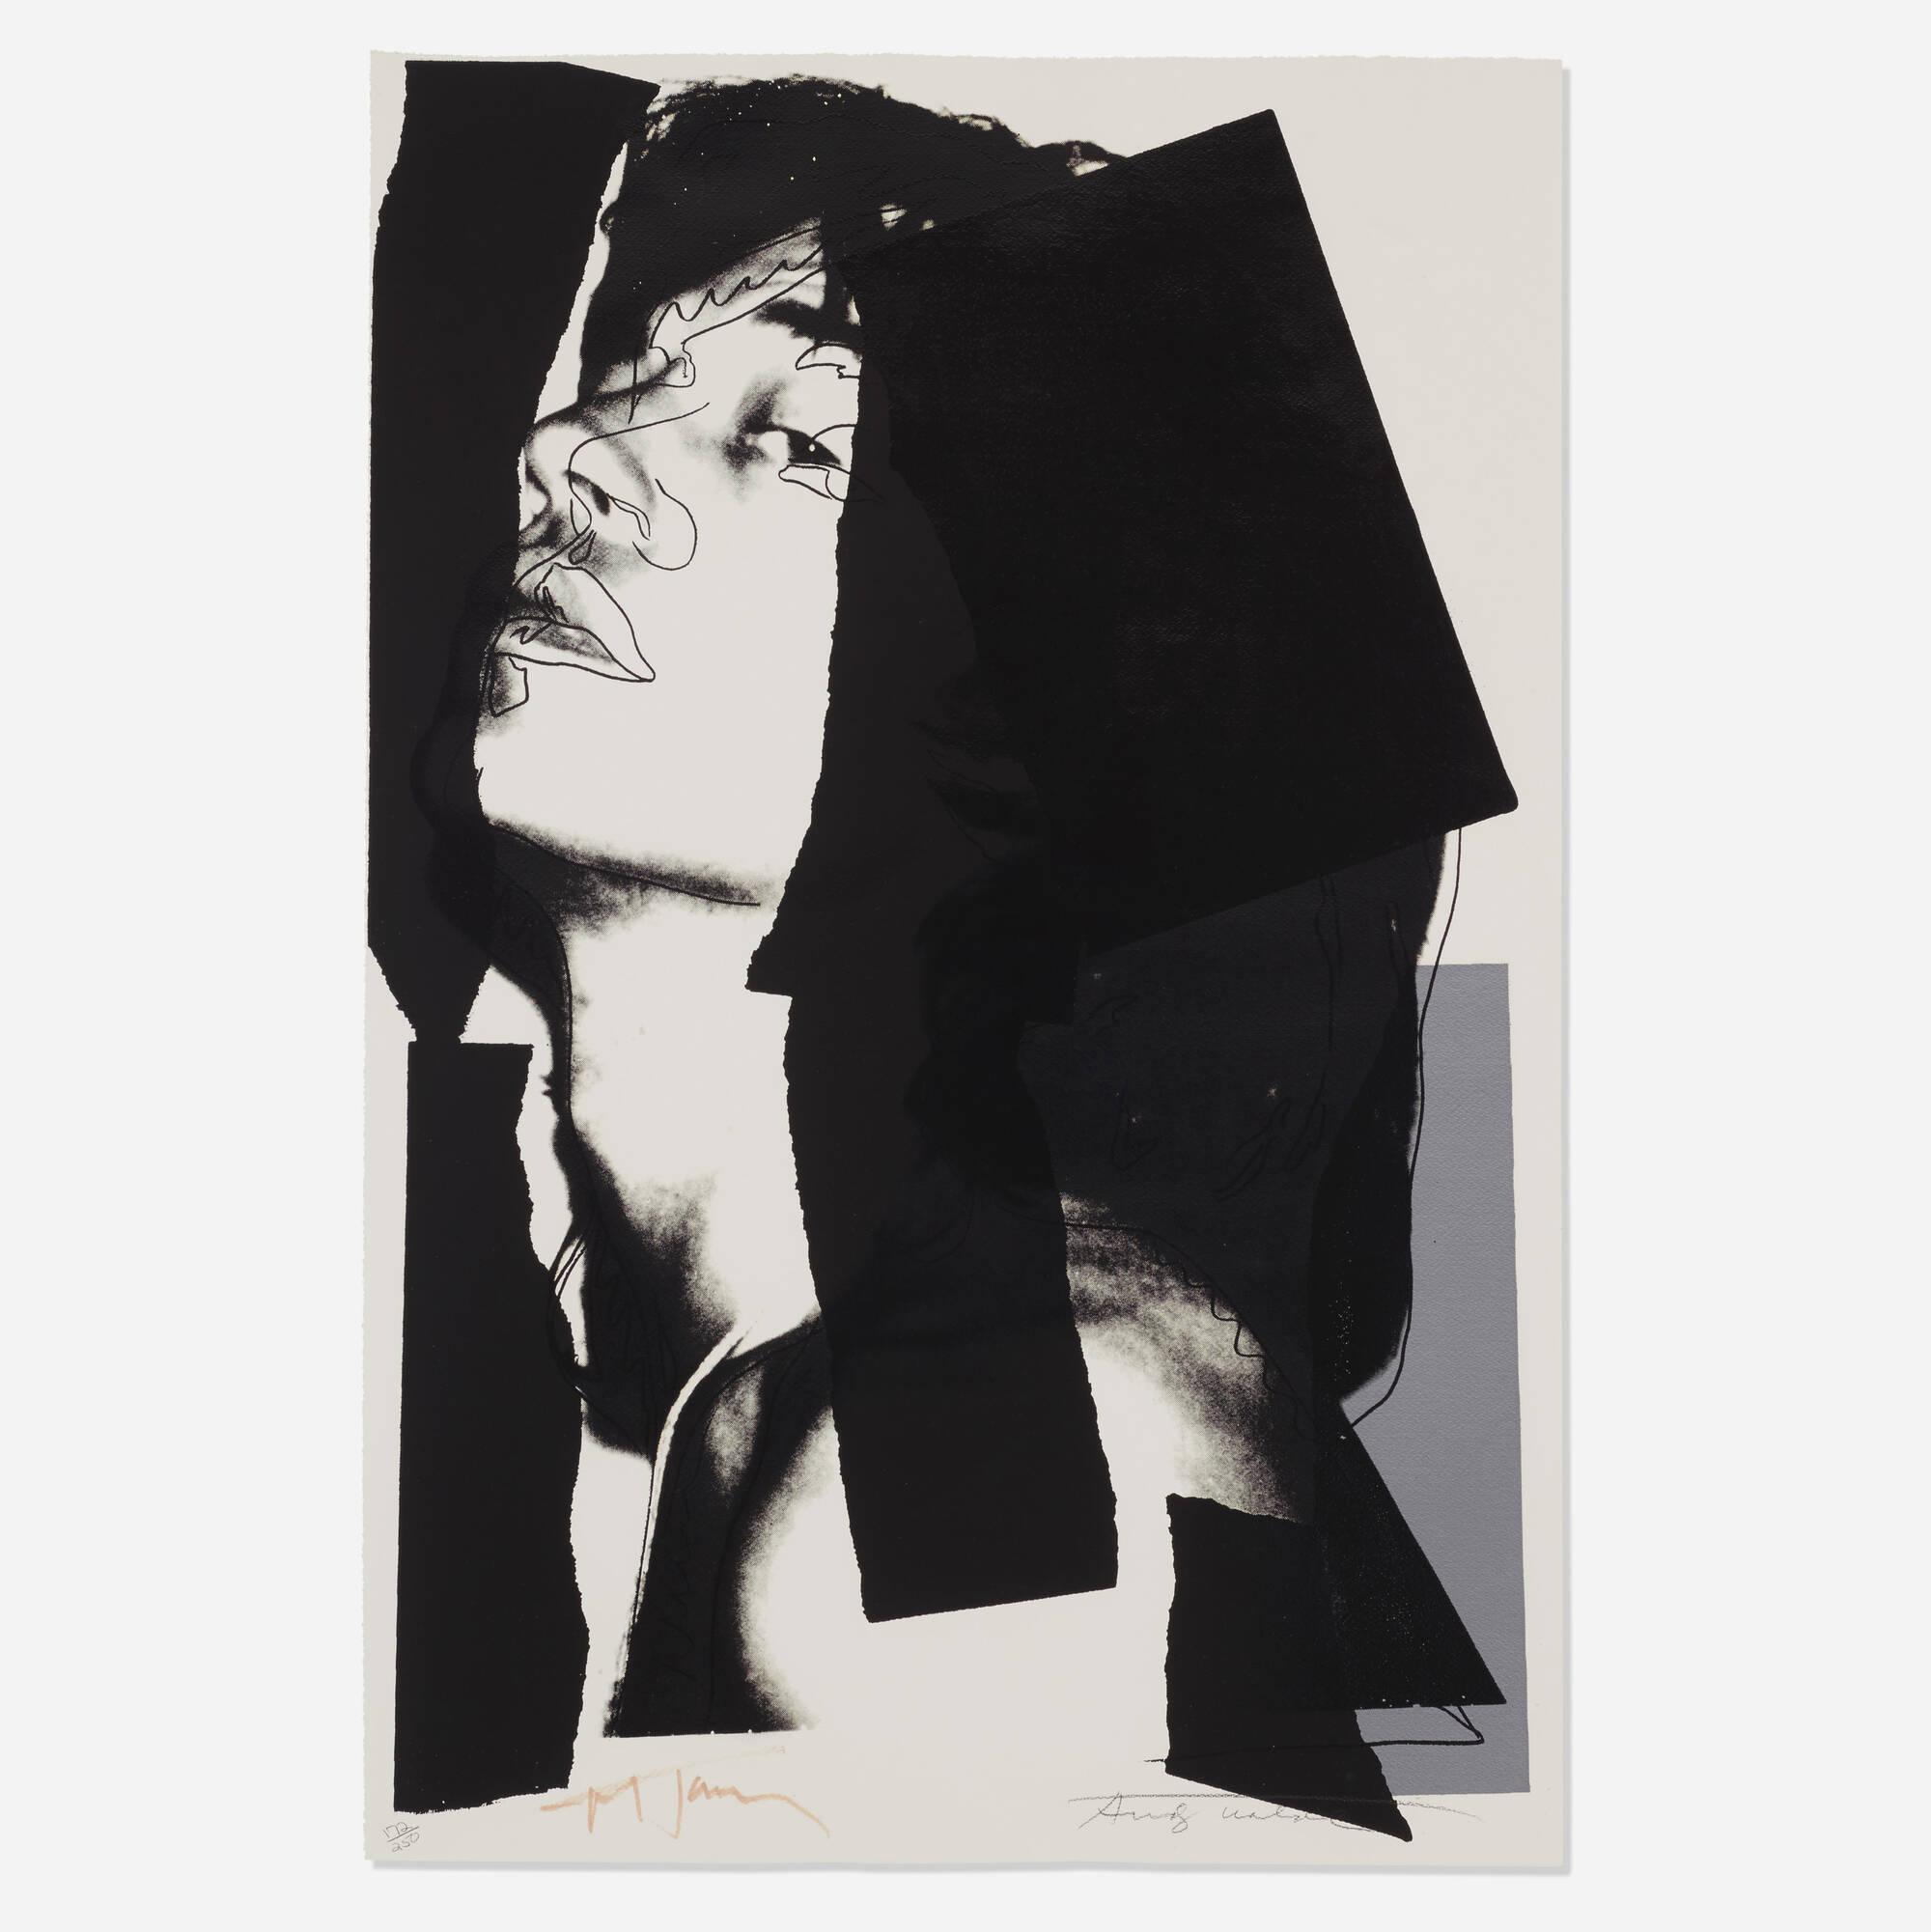 135: Andy Warhol / Mick Jagger (1 of 1)